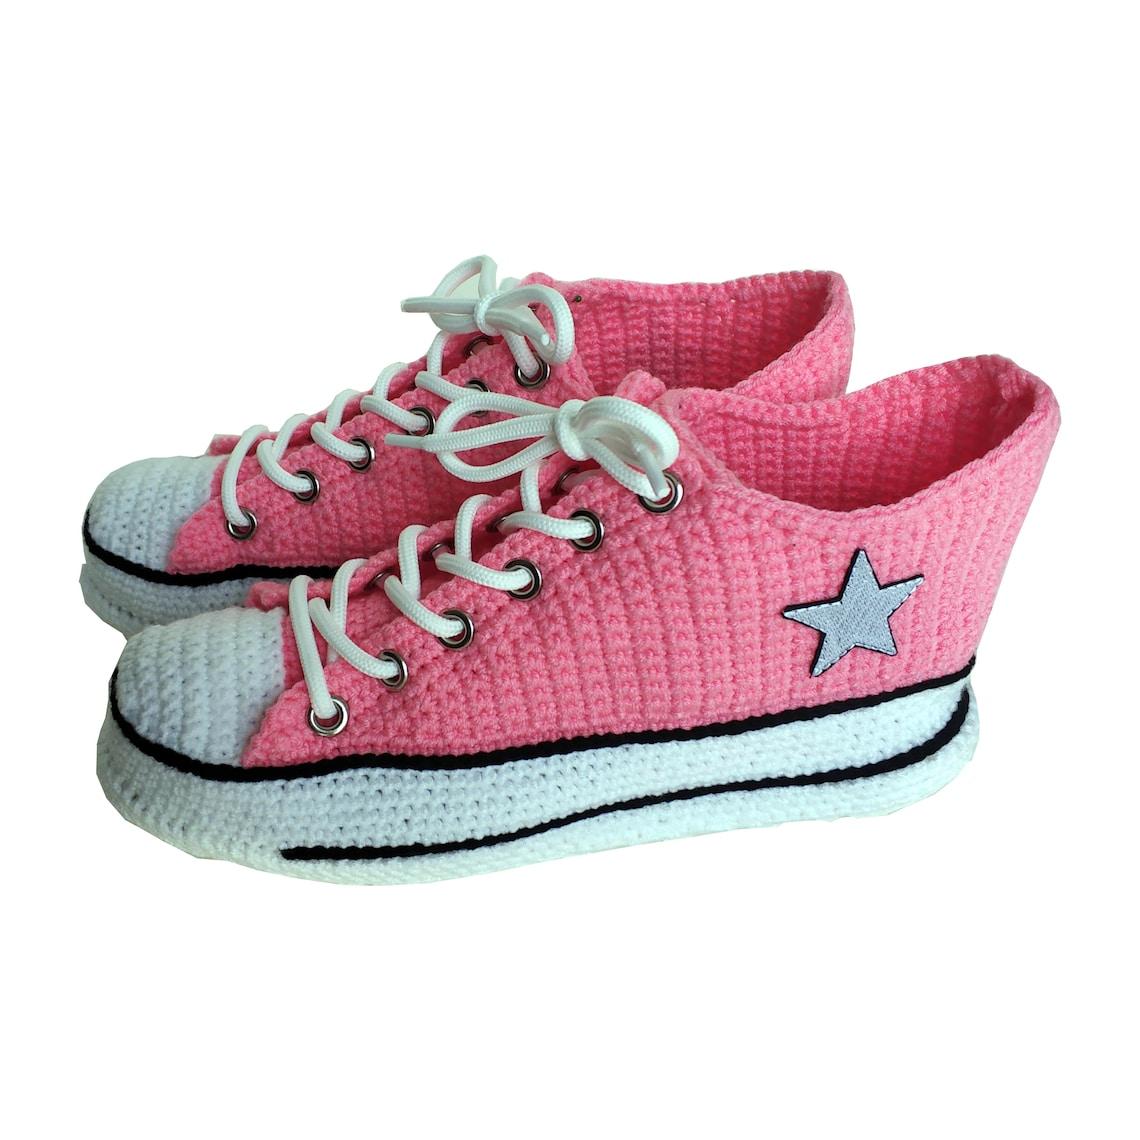 Hecho a mano invierno cálido lindo casa converse rosa punto zapatillas mujeres interior moda suave cómodas señoras punto Slip-on Custom Botines personalizados